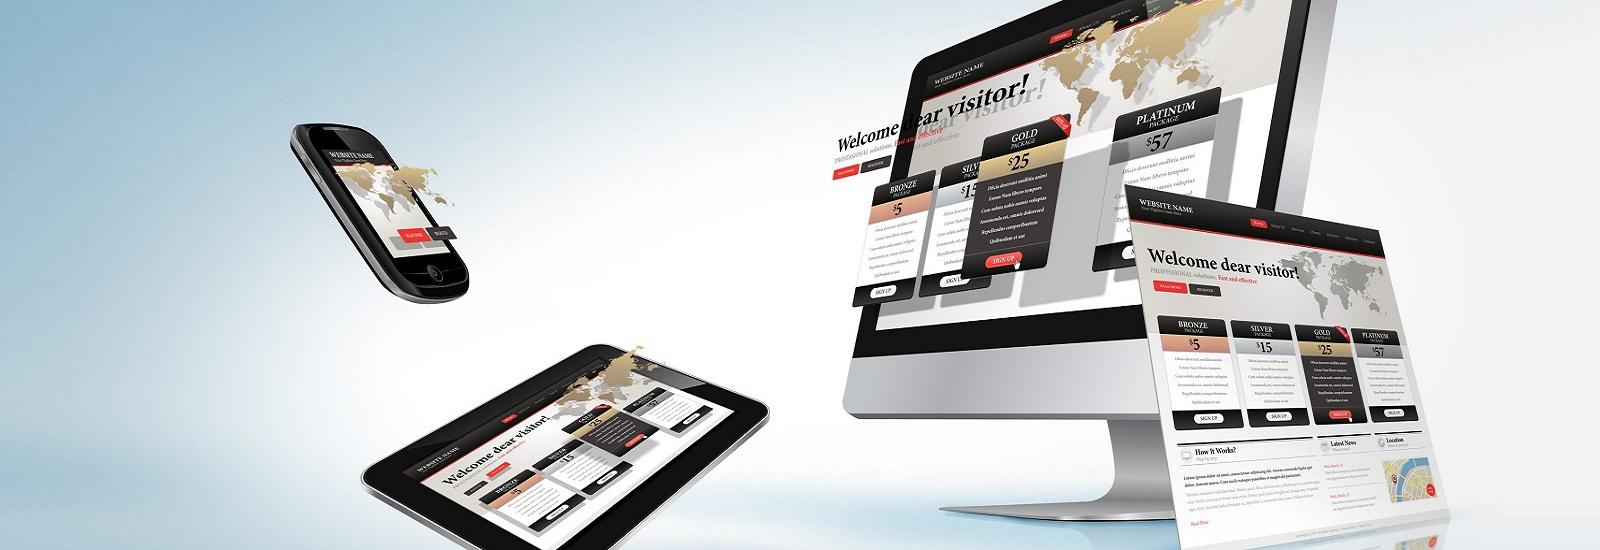 responsive-web-design-concept-slider-banner